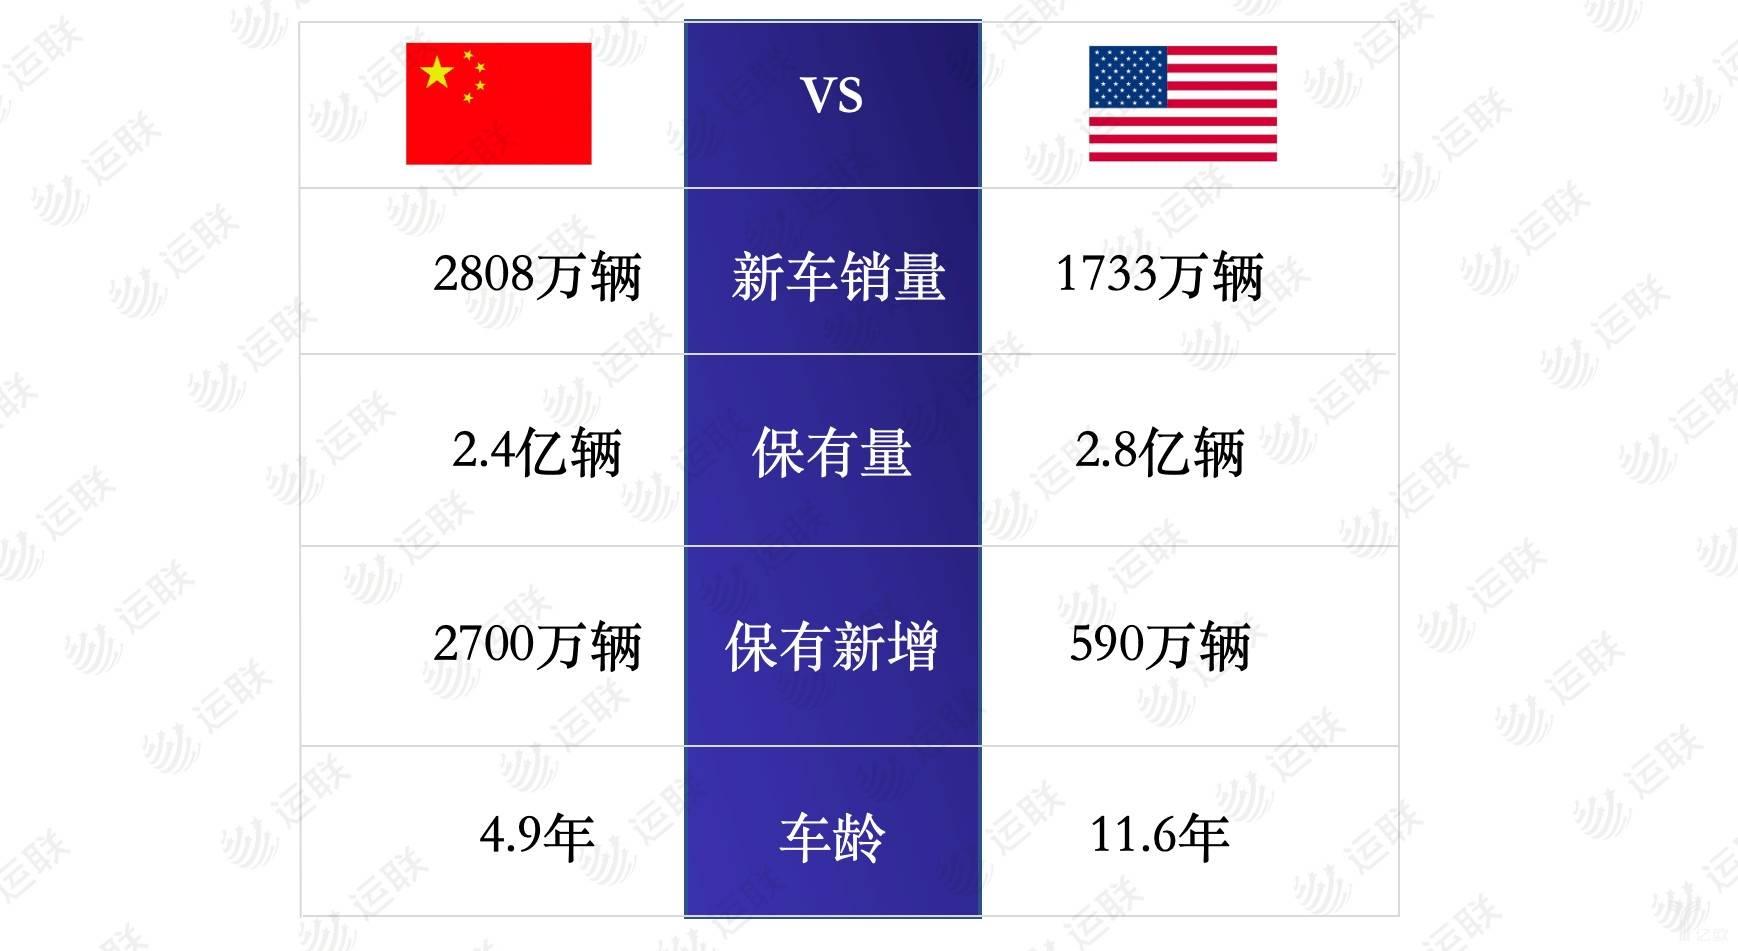 中美车辆销量对比